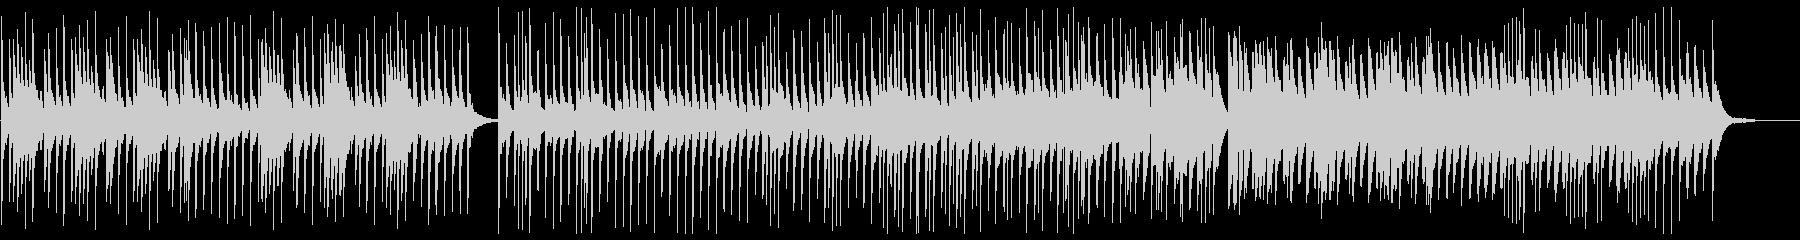 美しく切ないピアノサウンドの未再生の波形